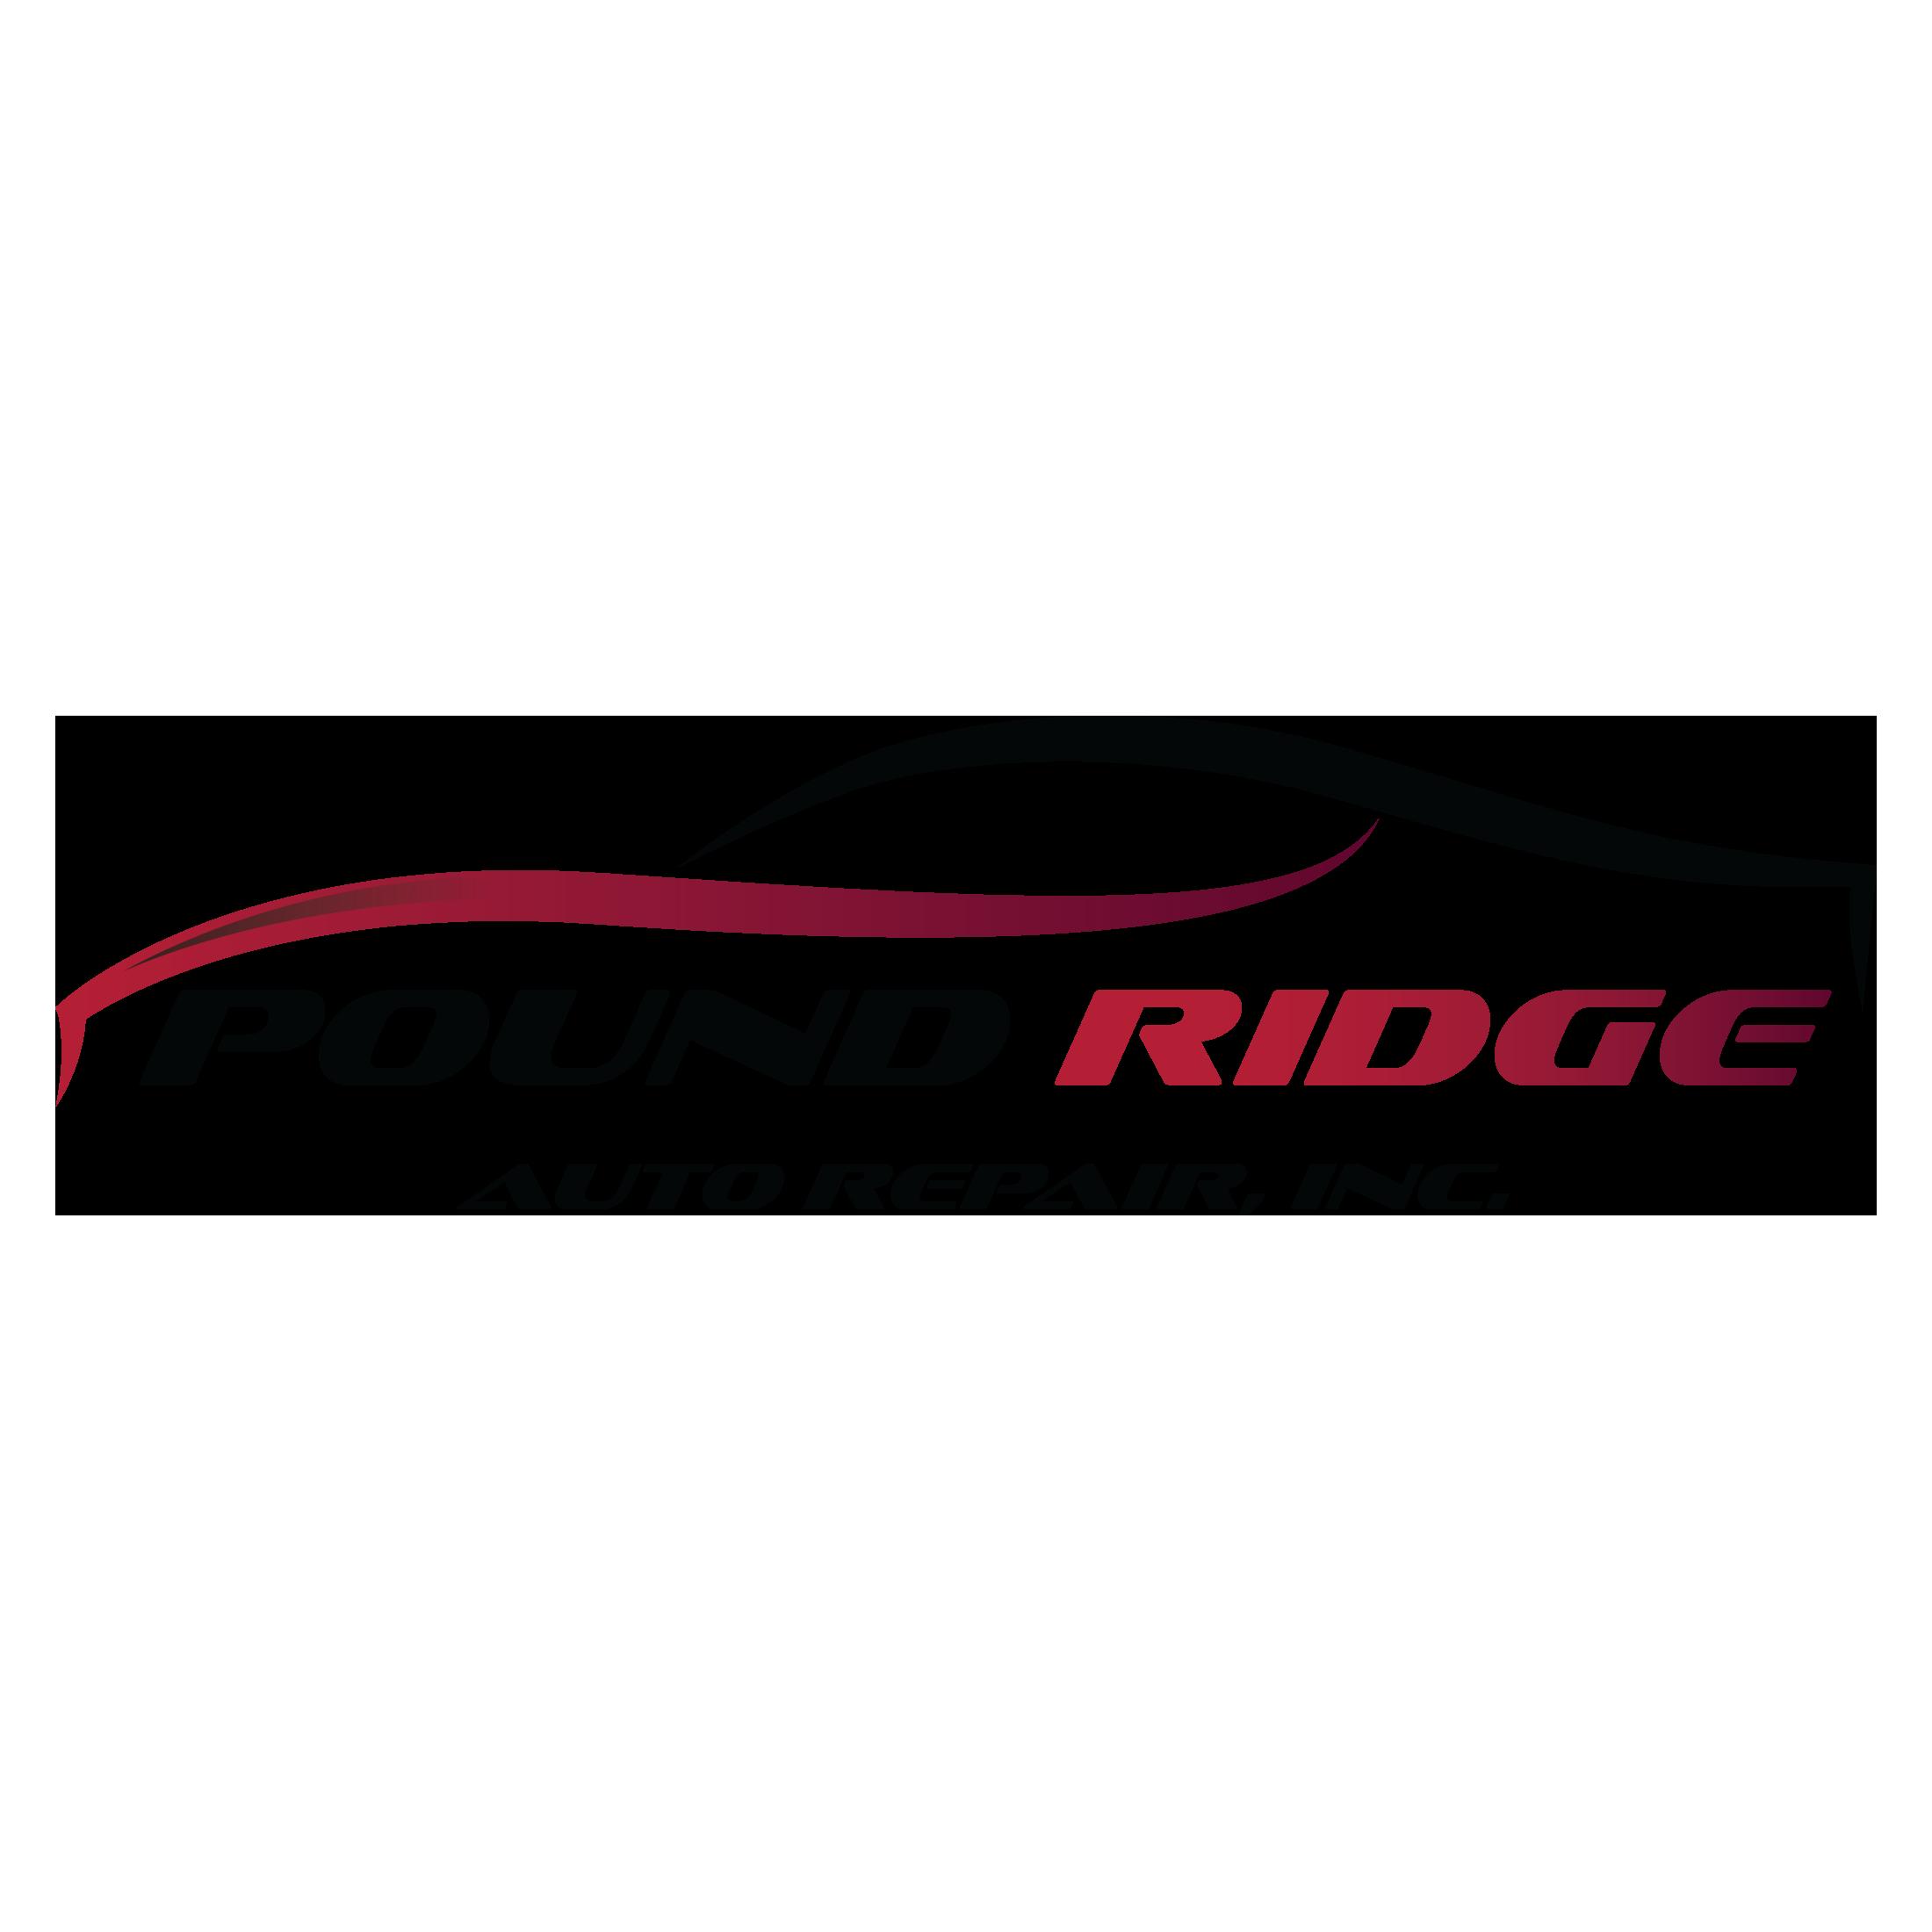 POUND-RIDGE-LOGOS